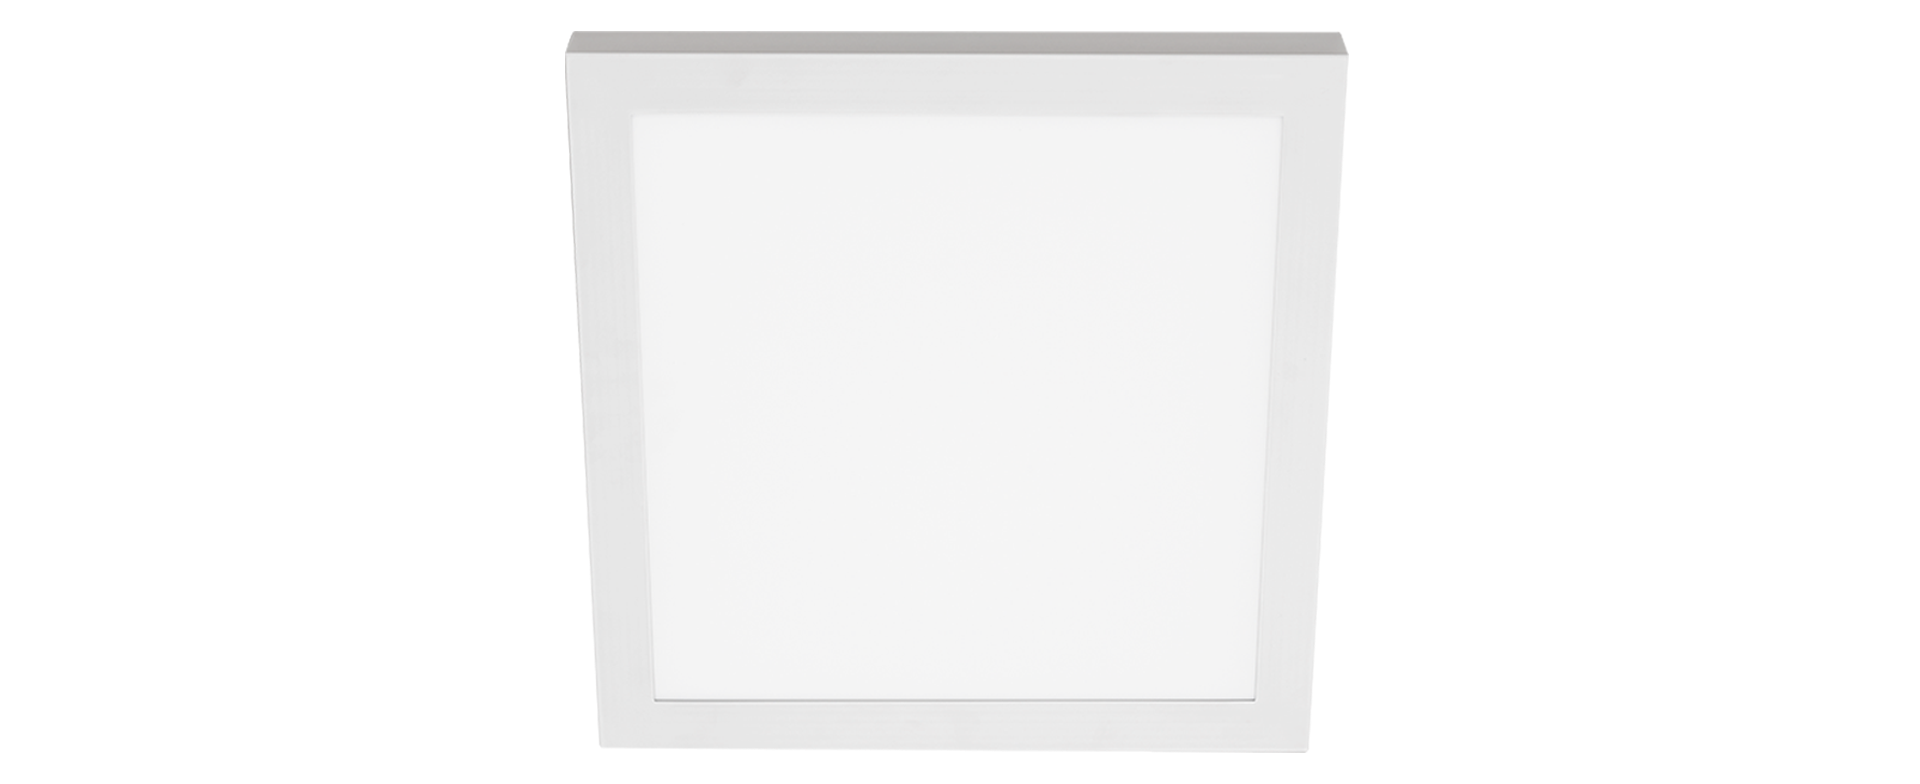 Painel de Sobrepor Quadrado Slim LED 40W 3000K Bivolt STH7968/30 - Stella Design